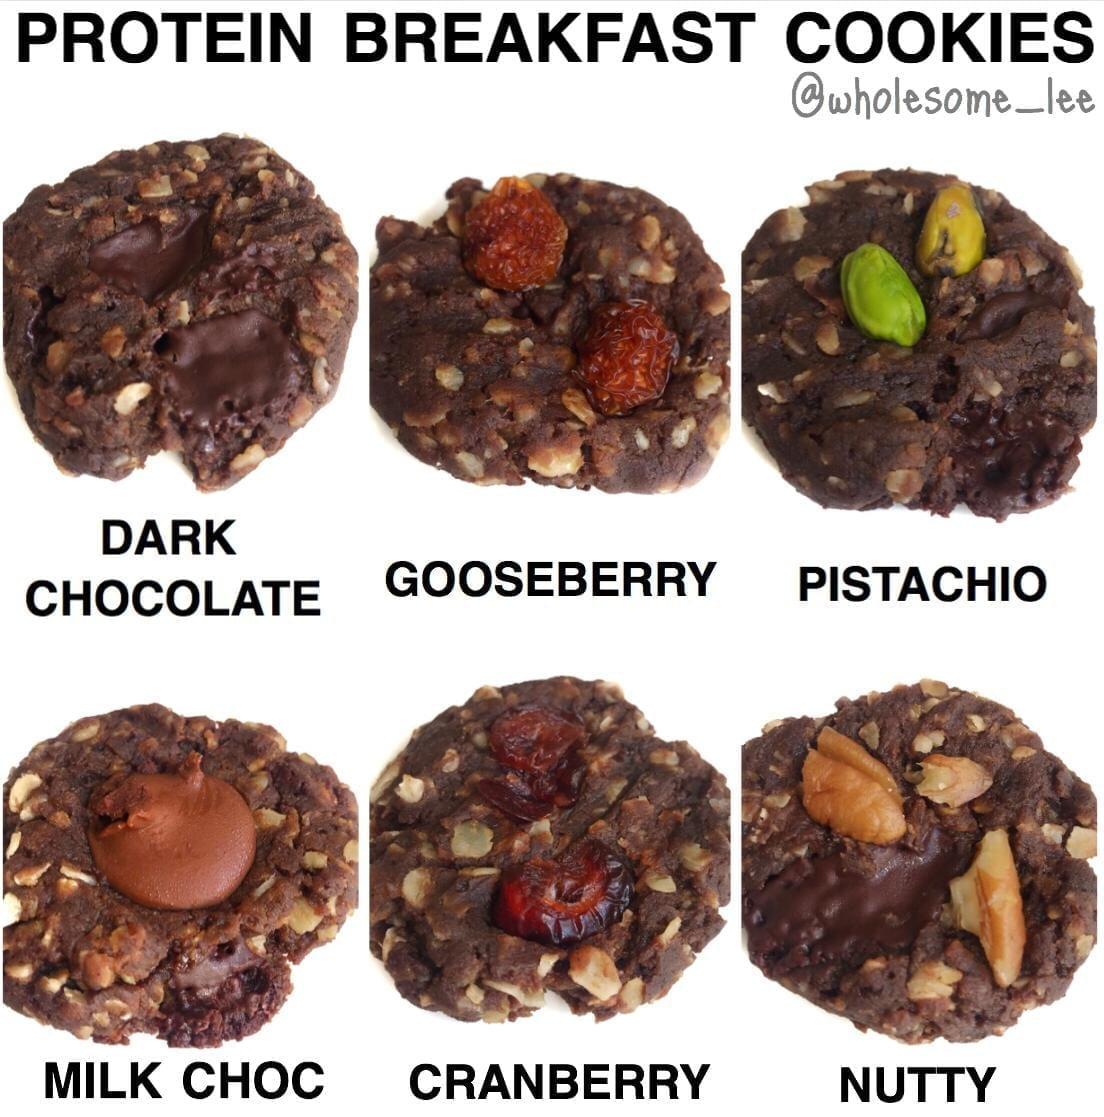 Protein Breakfast Cookies